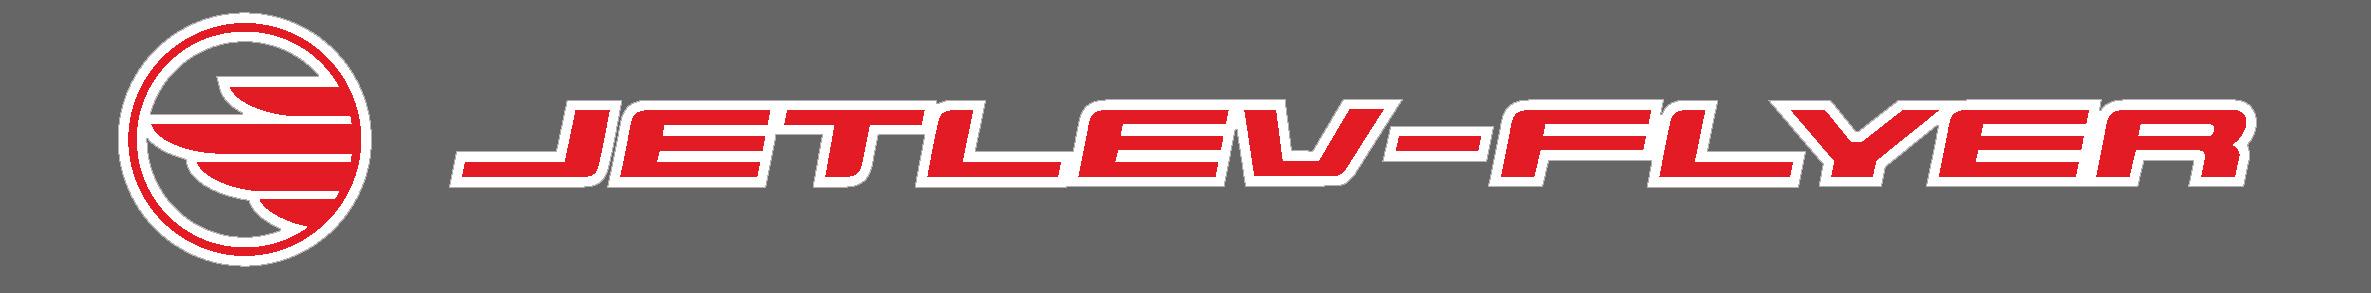 Jetlev-Flyer